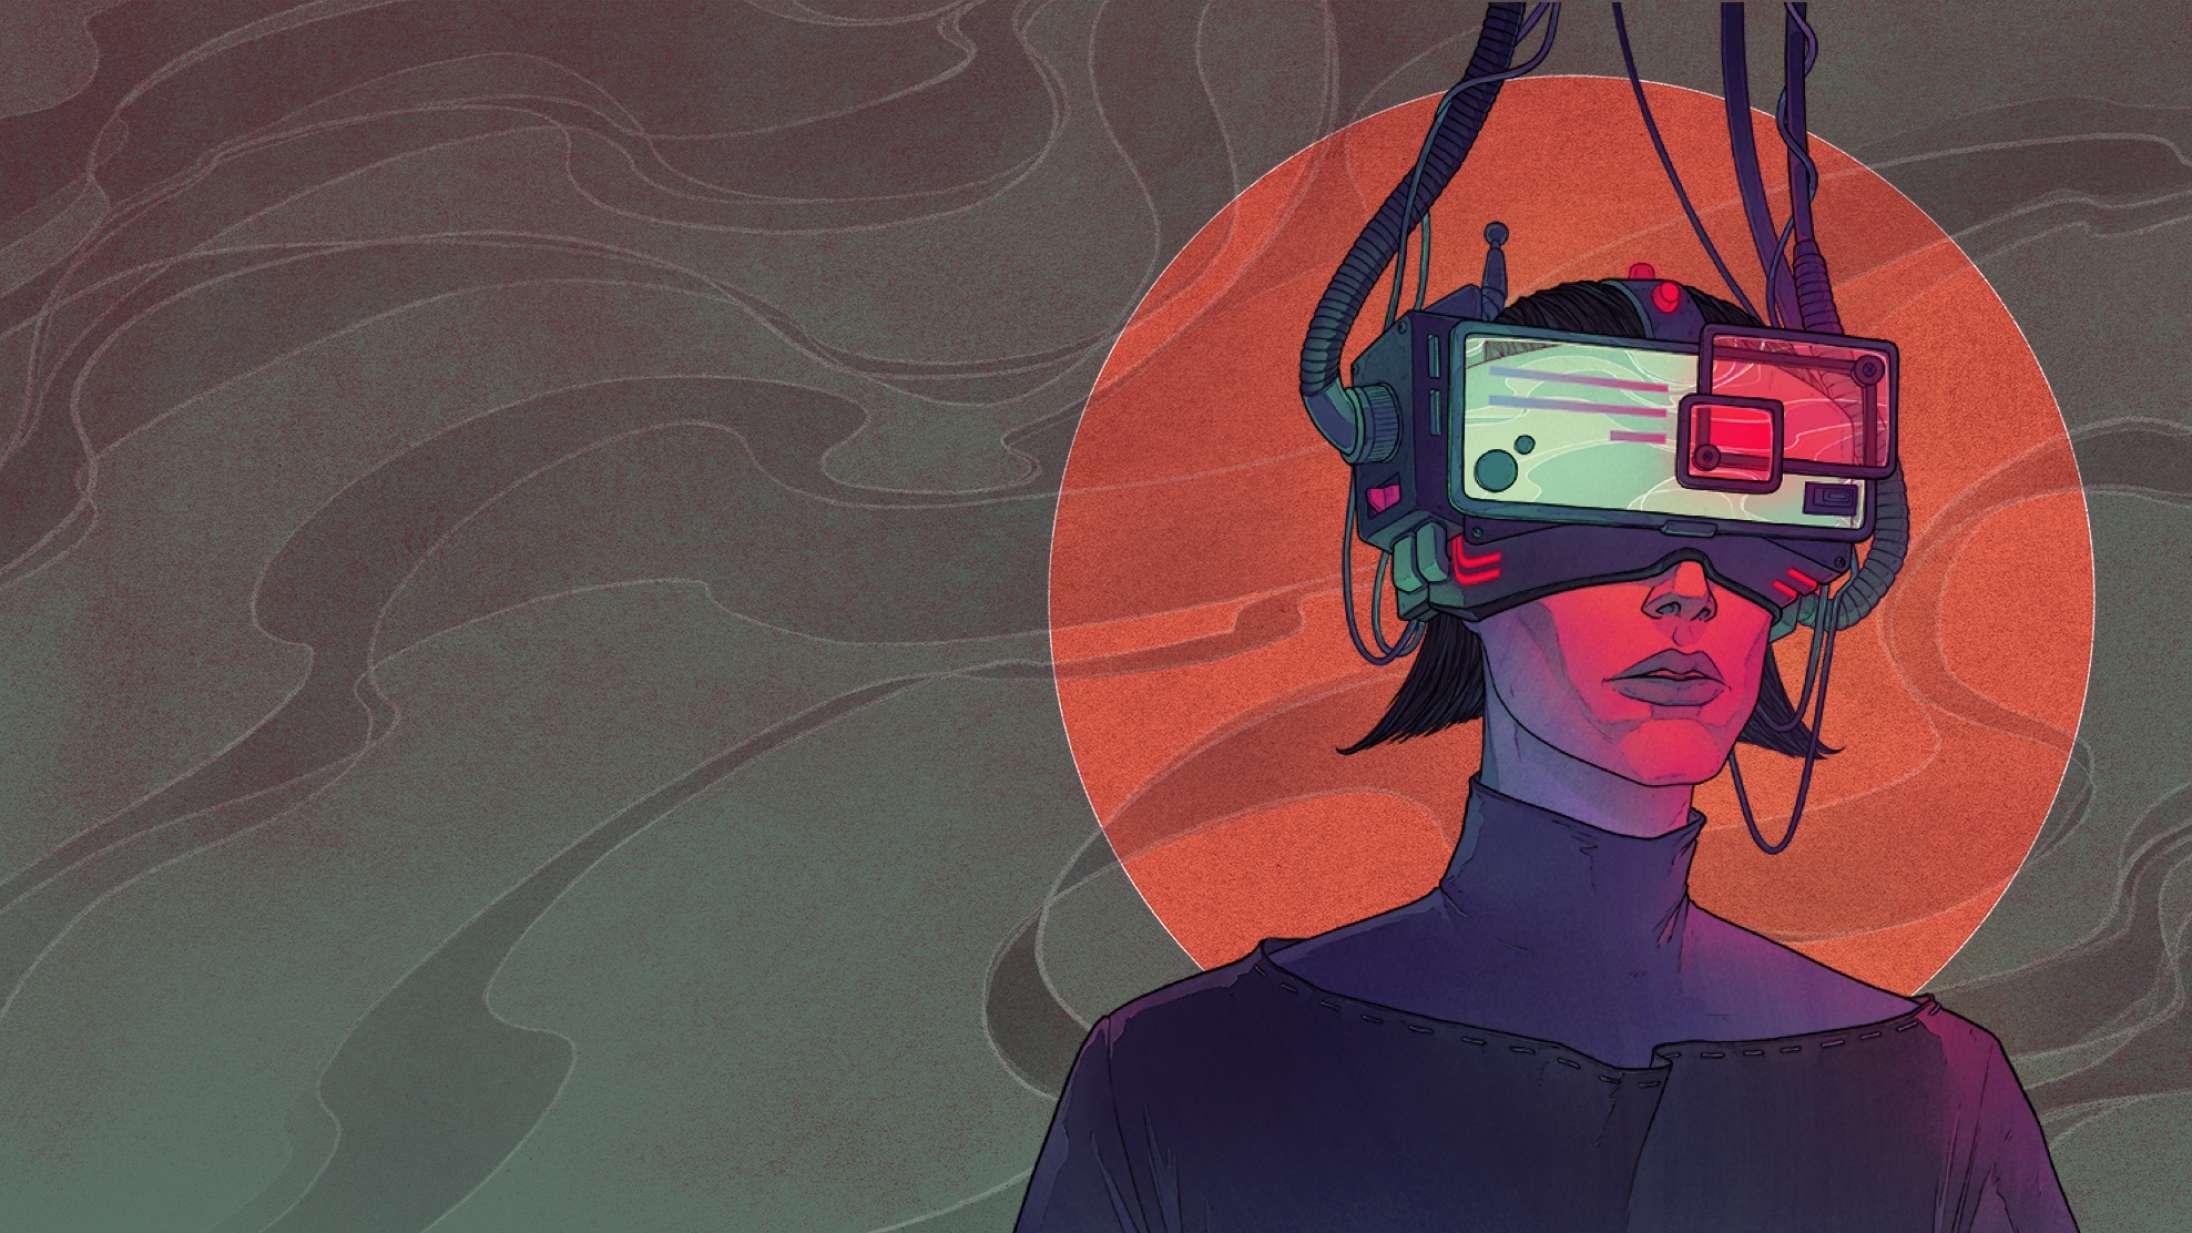 'Mind Scanners' er et ubehageligt og dystopisk indblik i et samfund besat af at udrydde psykisk sygdom